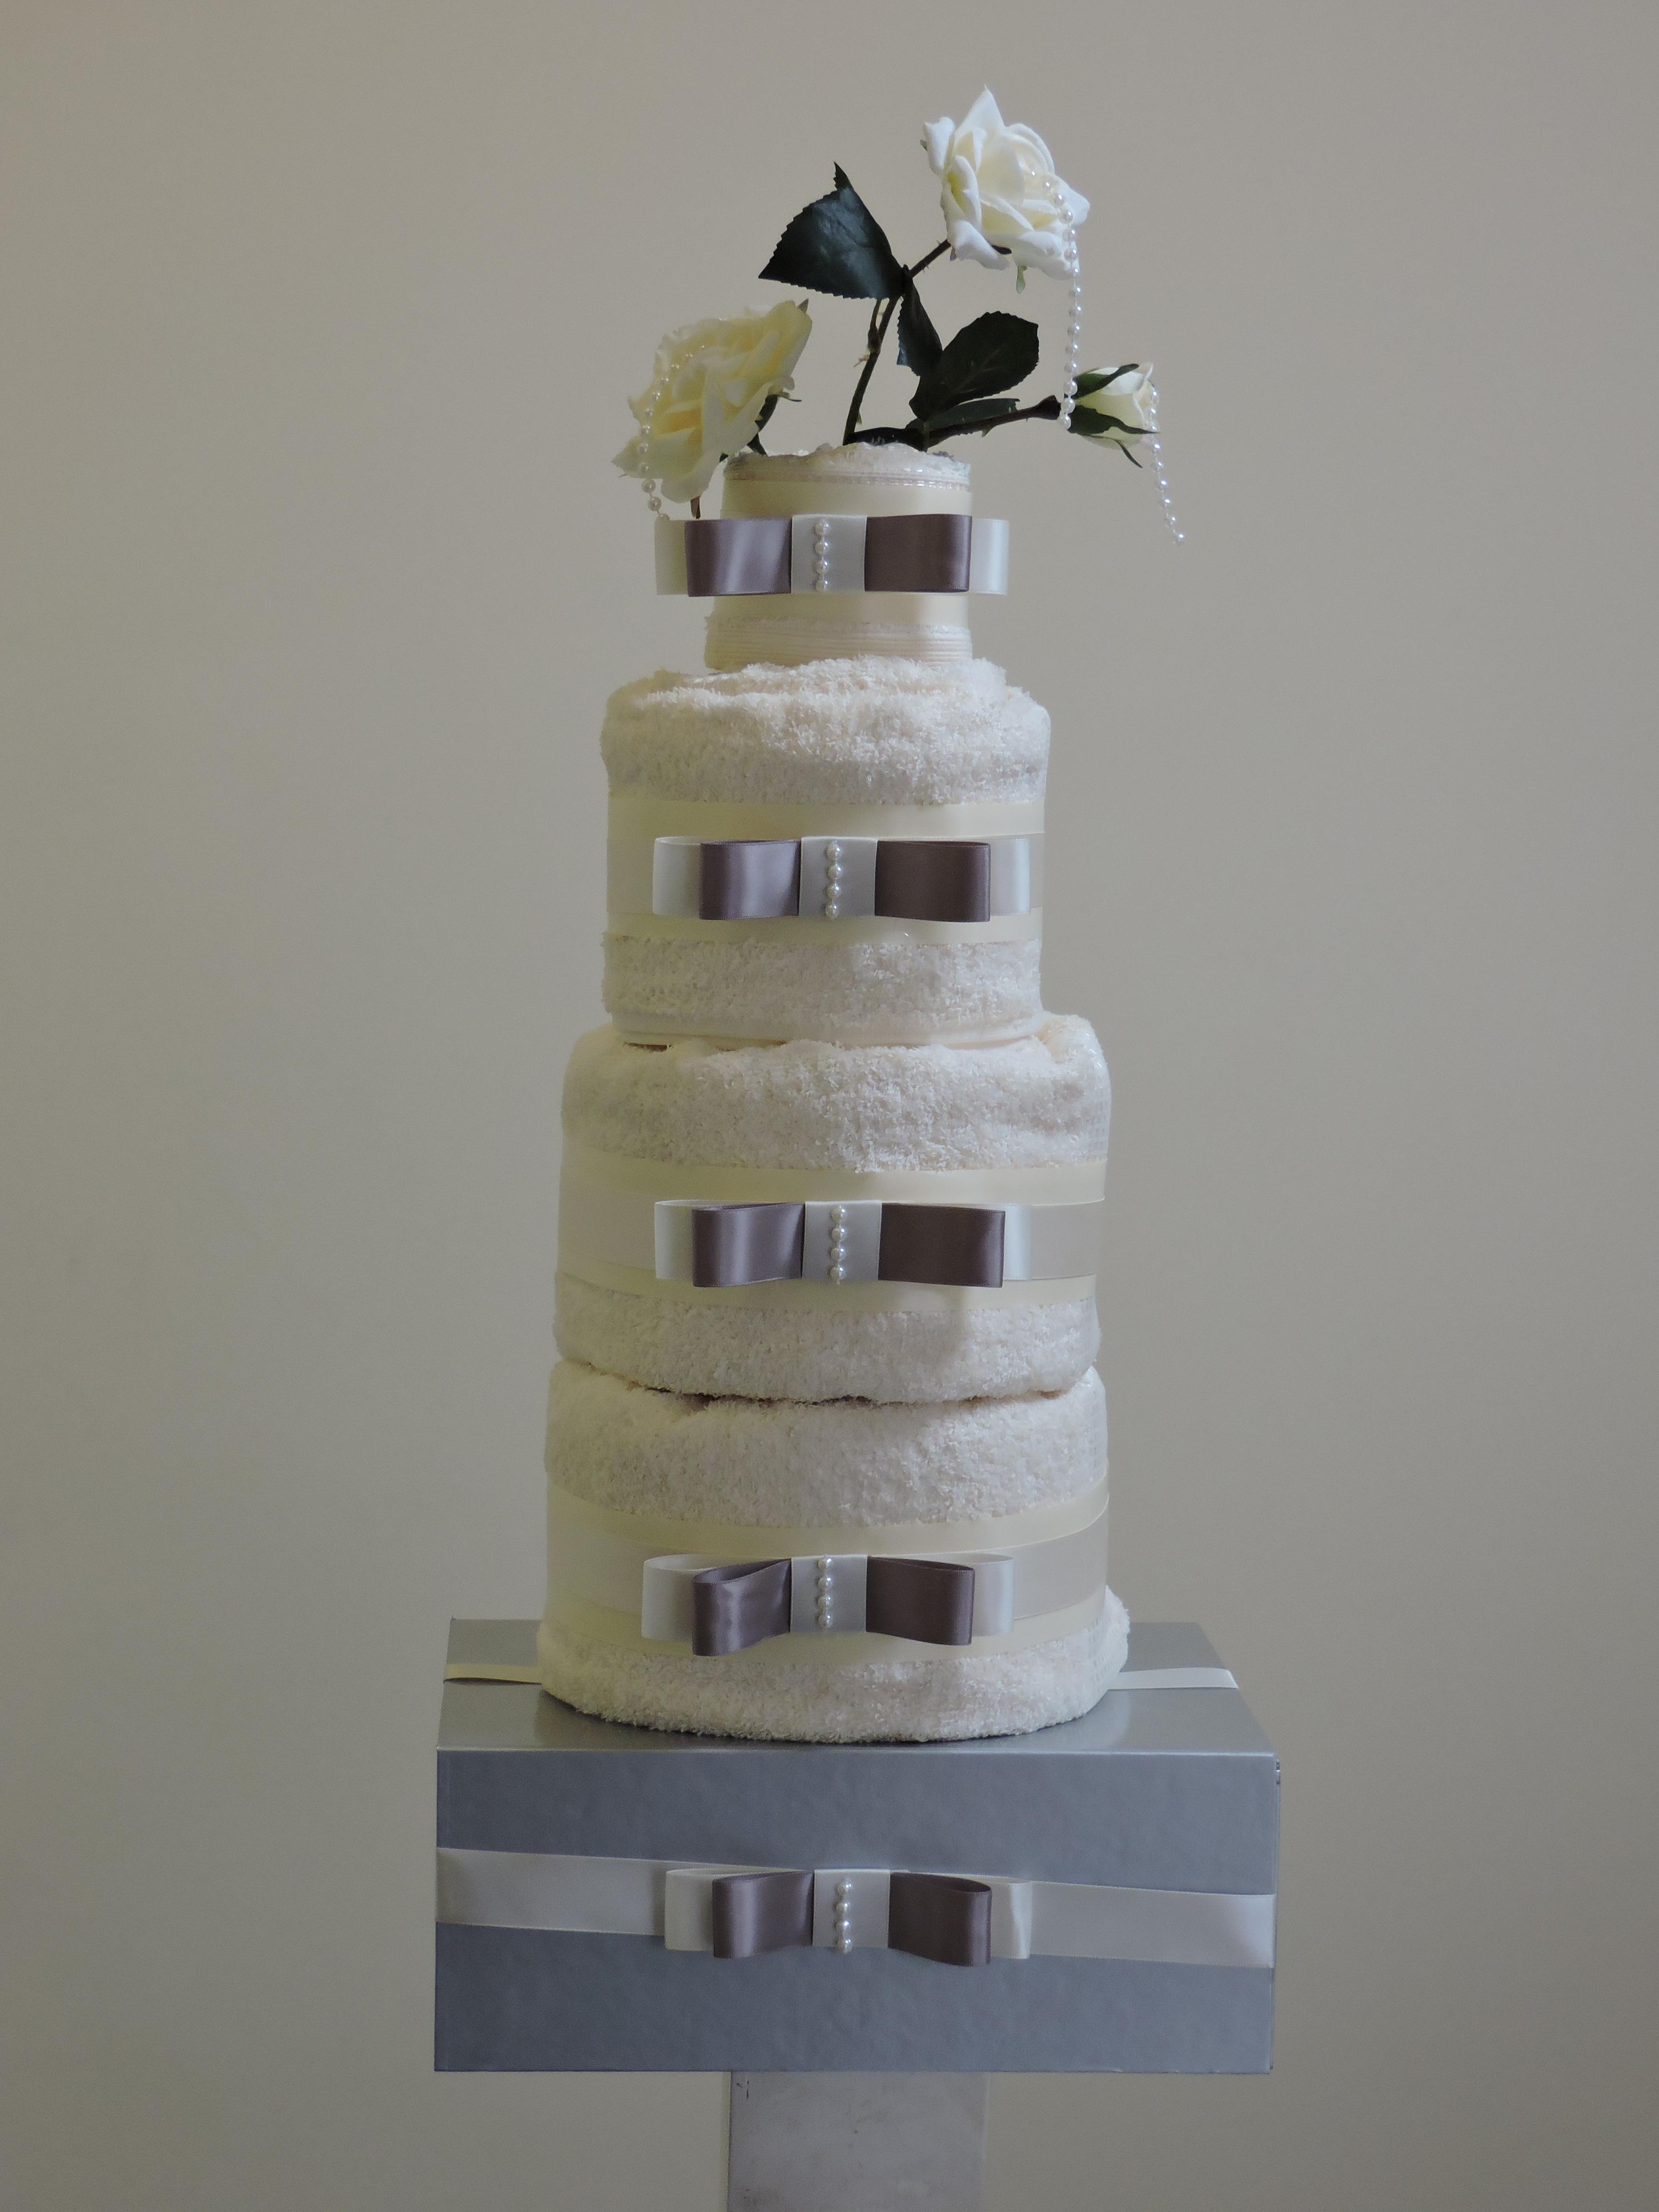 Rose Towel Cake